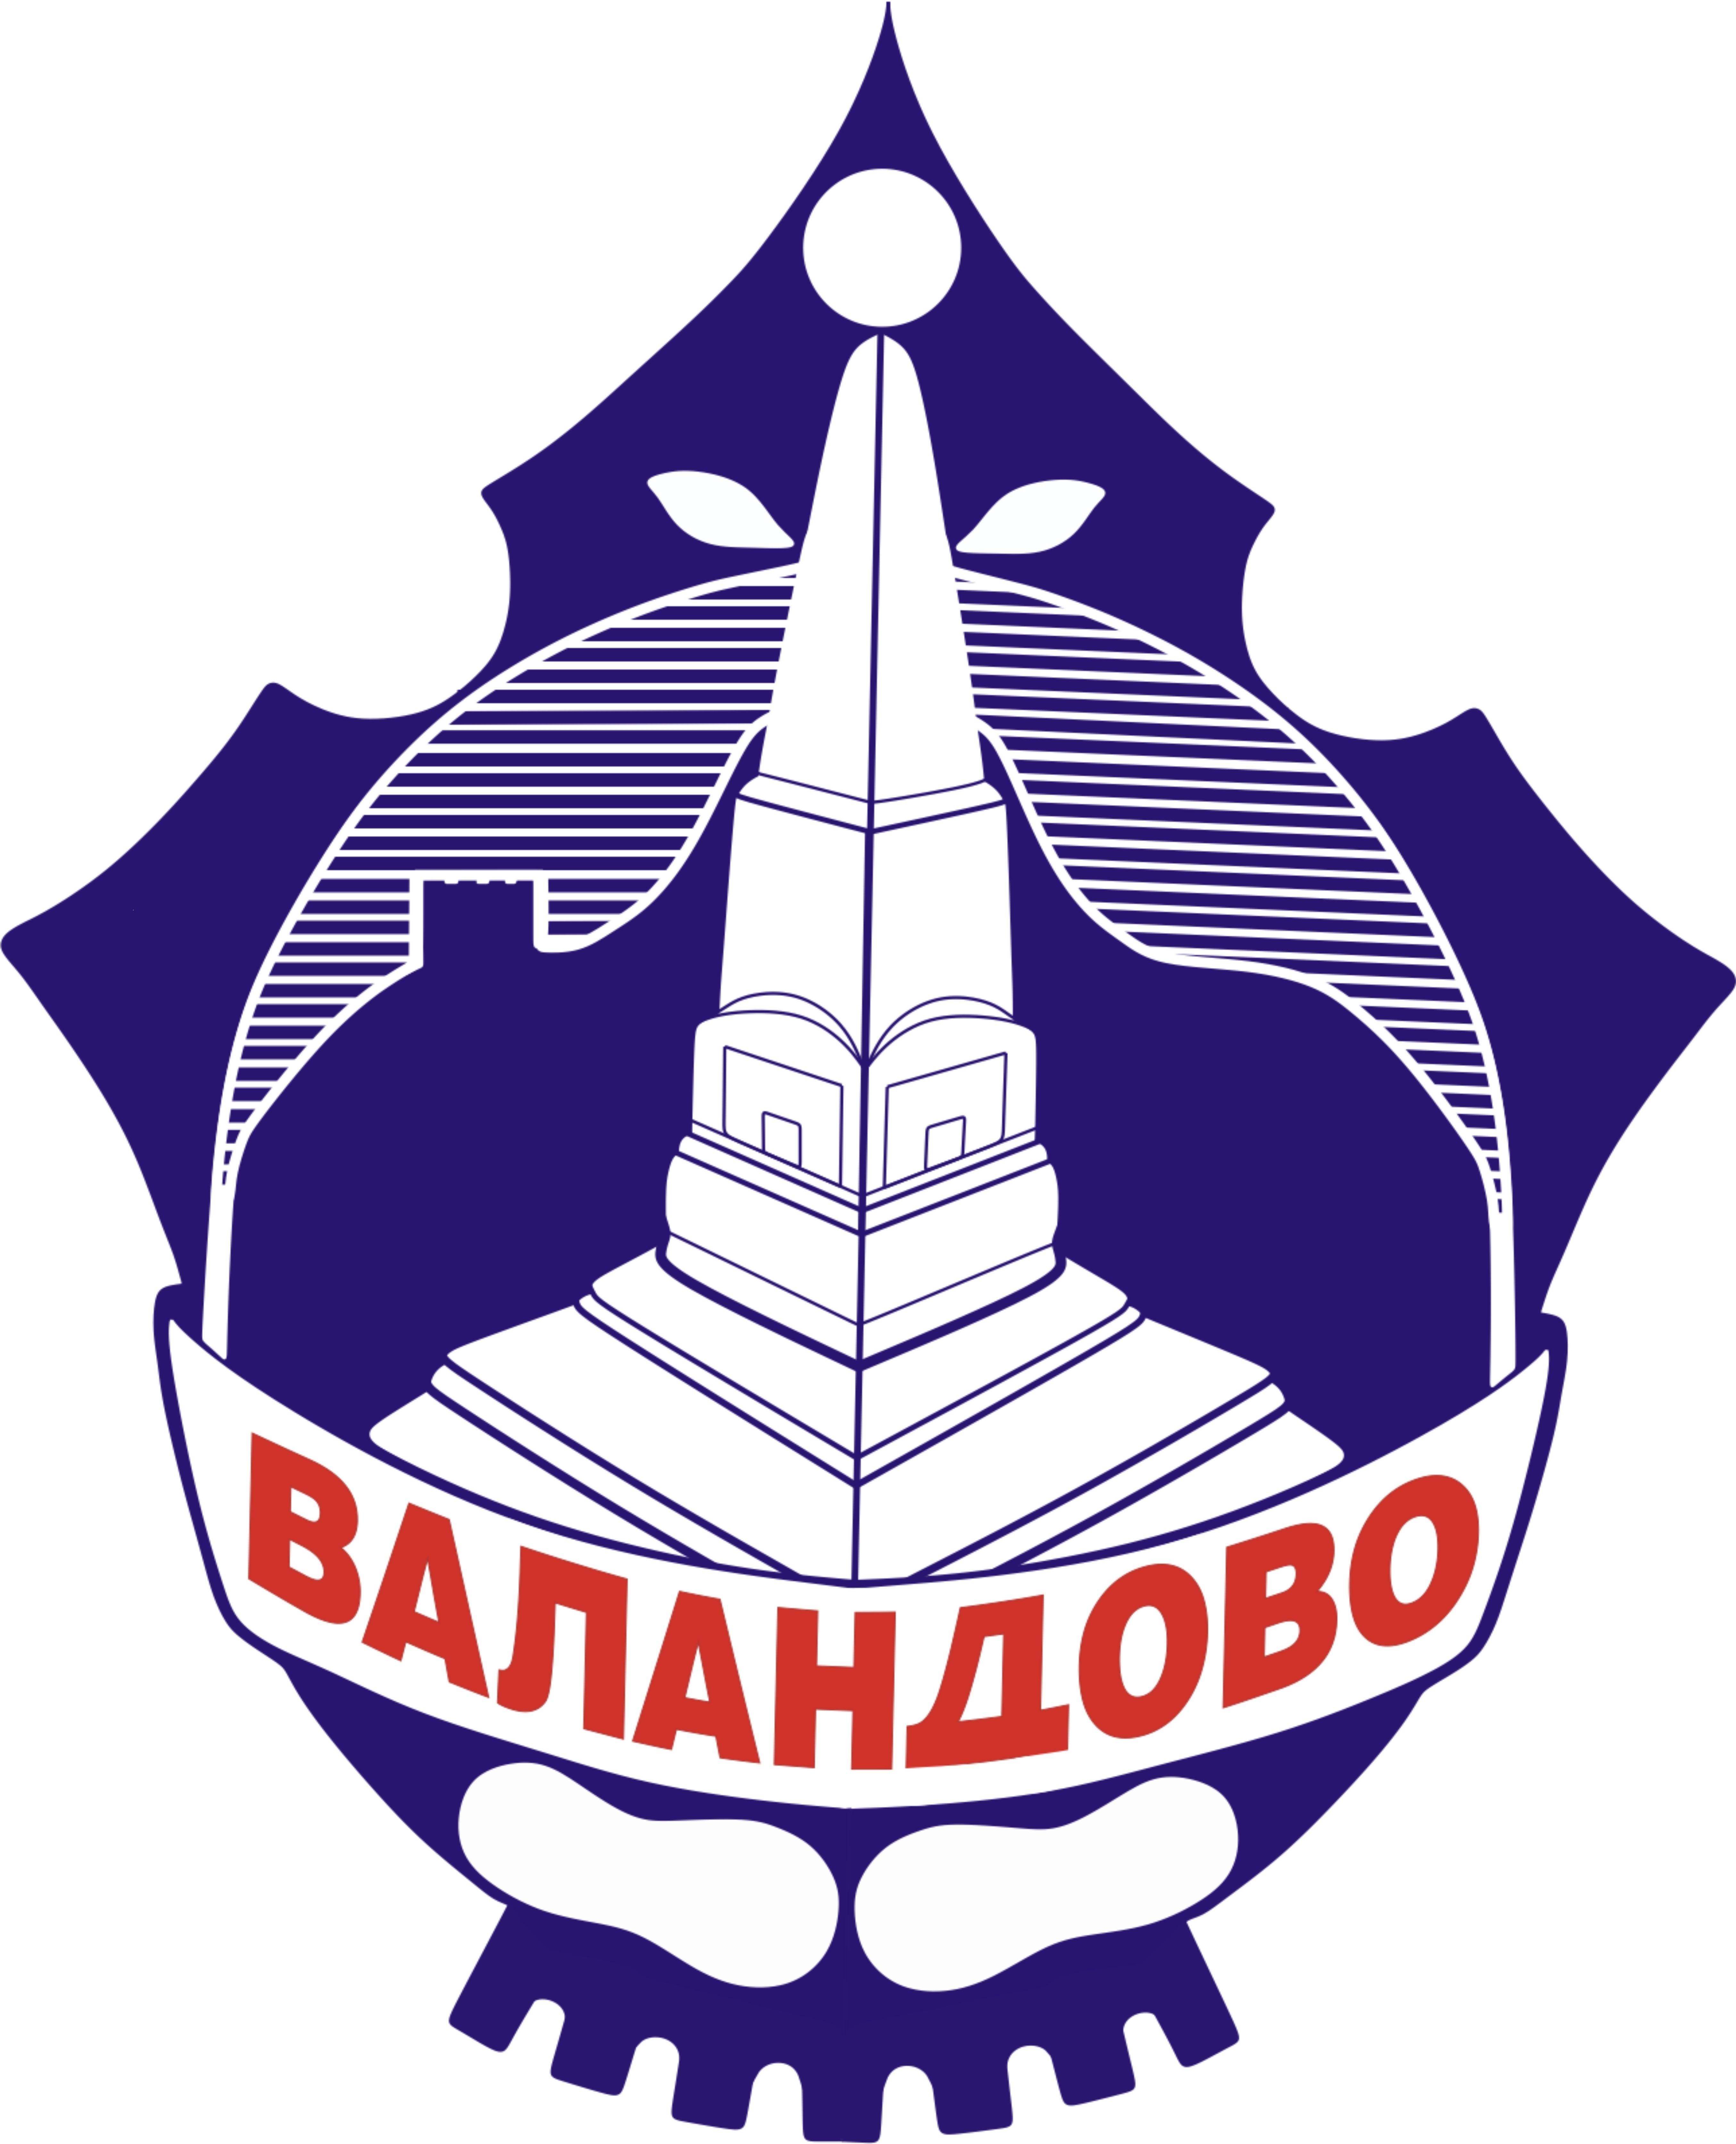 Преглед на огласи, повици и конкурски објавени преку ЕЛС Валандово